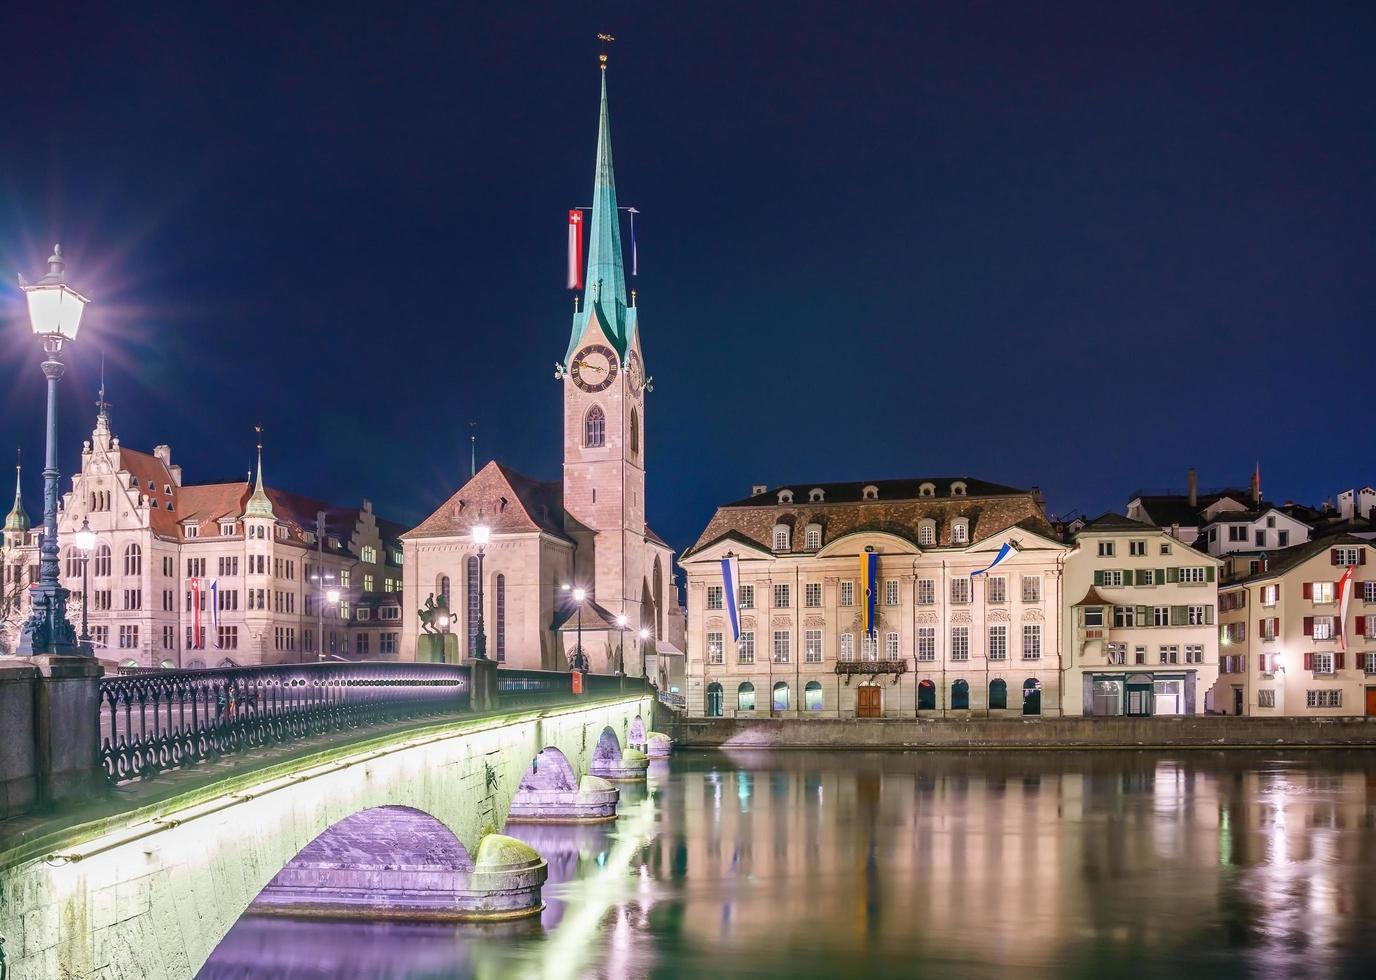 Vue de la vieille ville de Grossmünster et de Zurich, Suisse photo